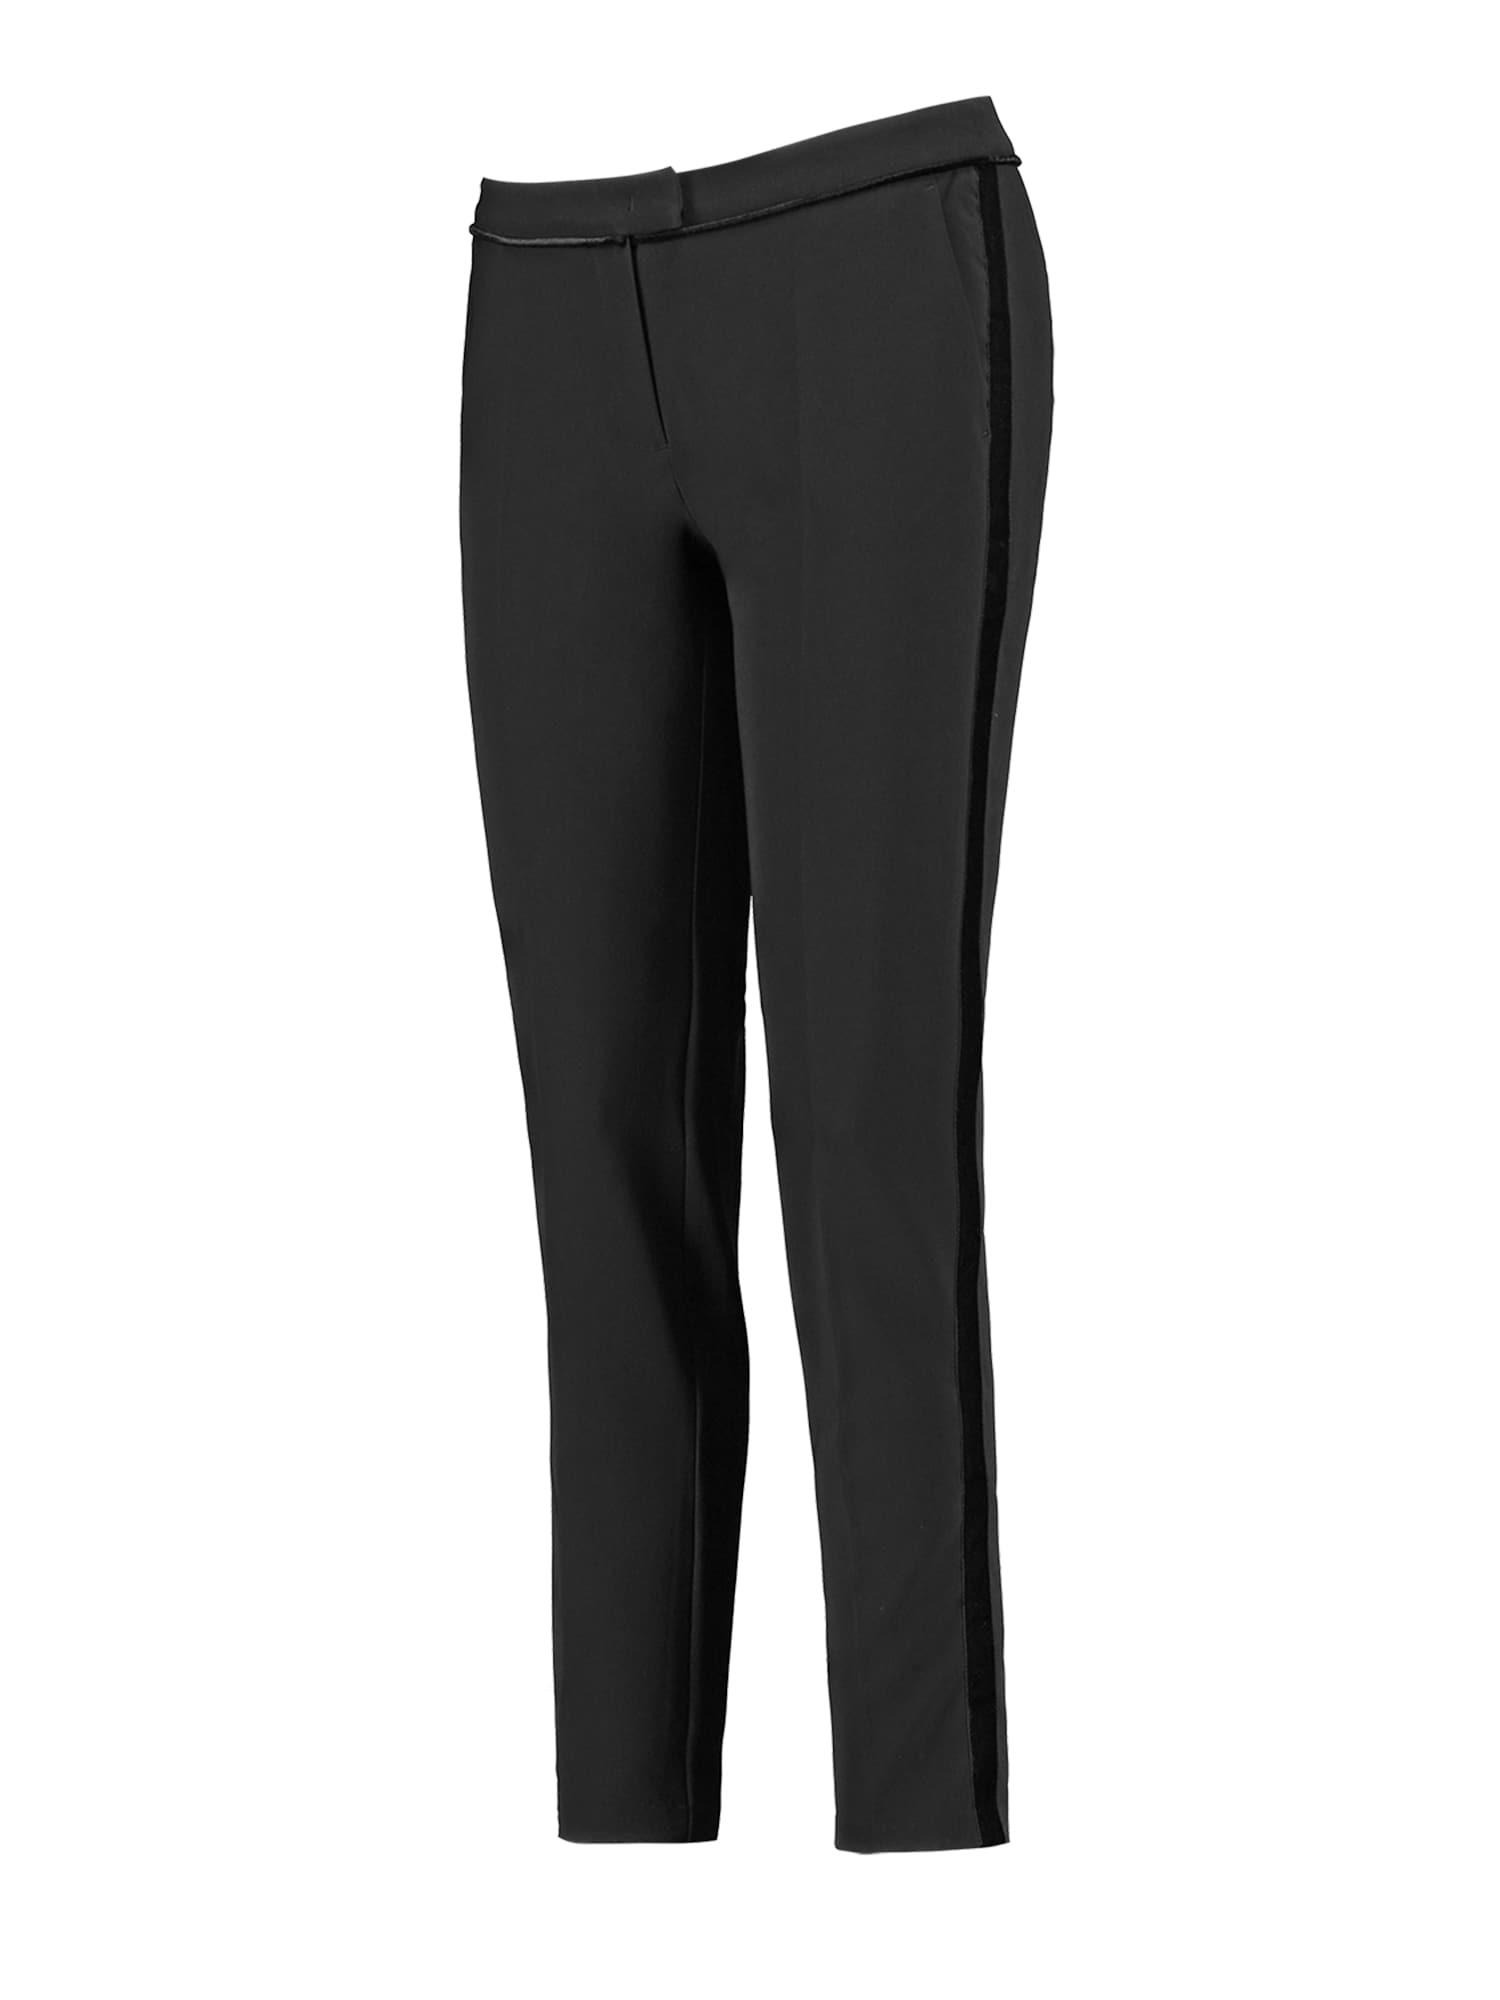 Kalhoty s puky černá Talkabout